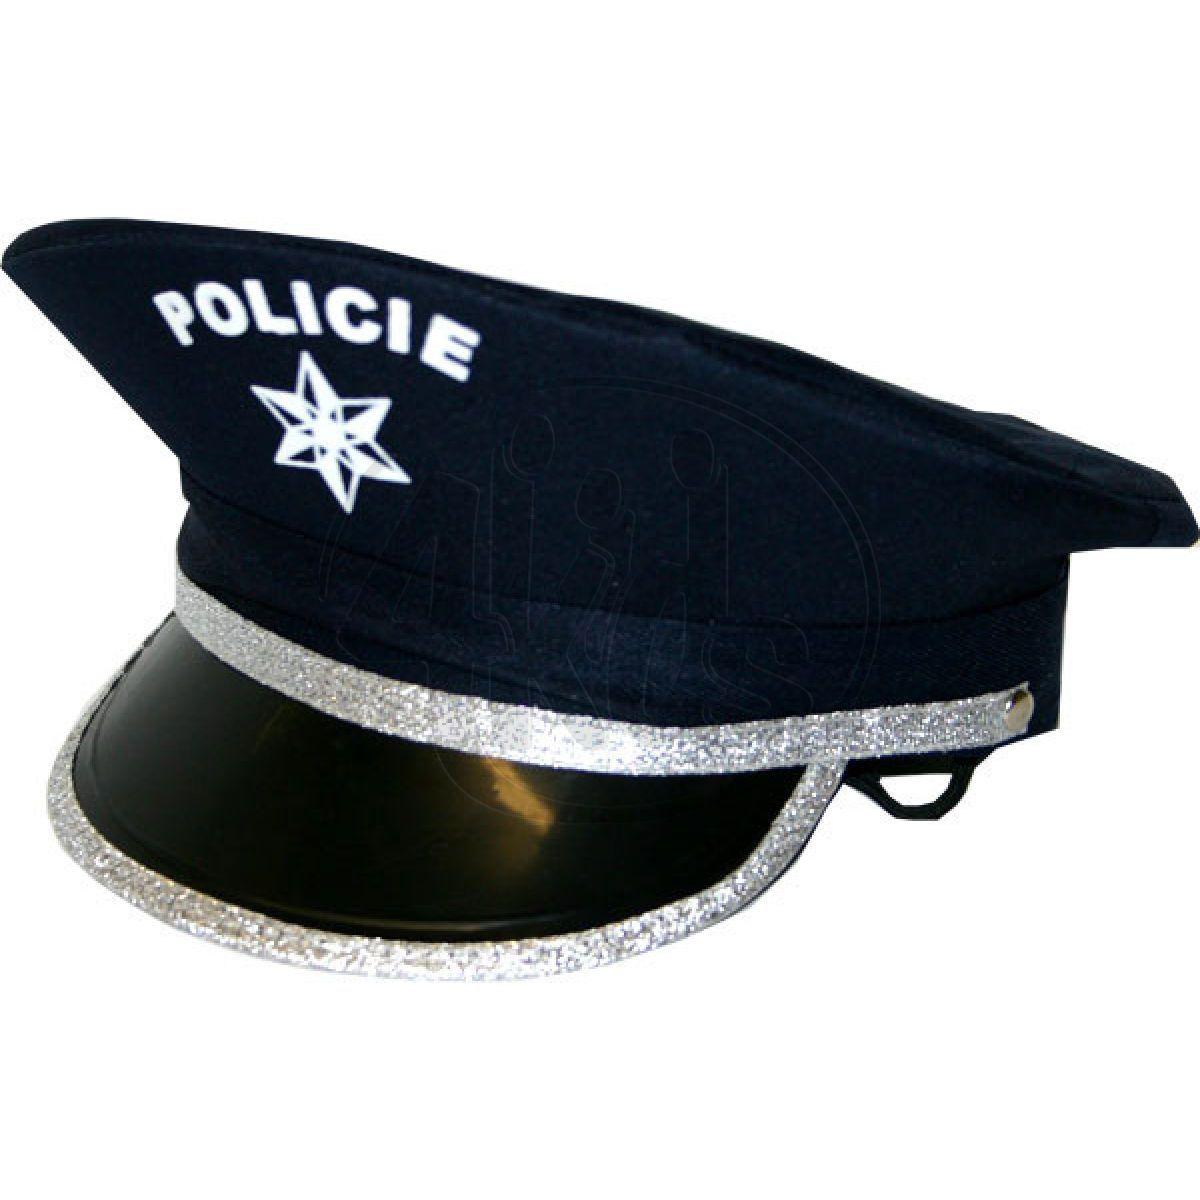 0b6d675ea5a Čepice policejní dětská